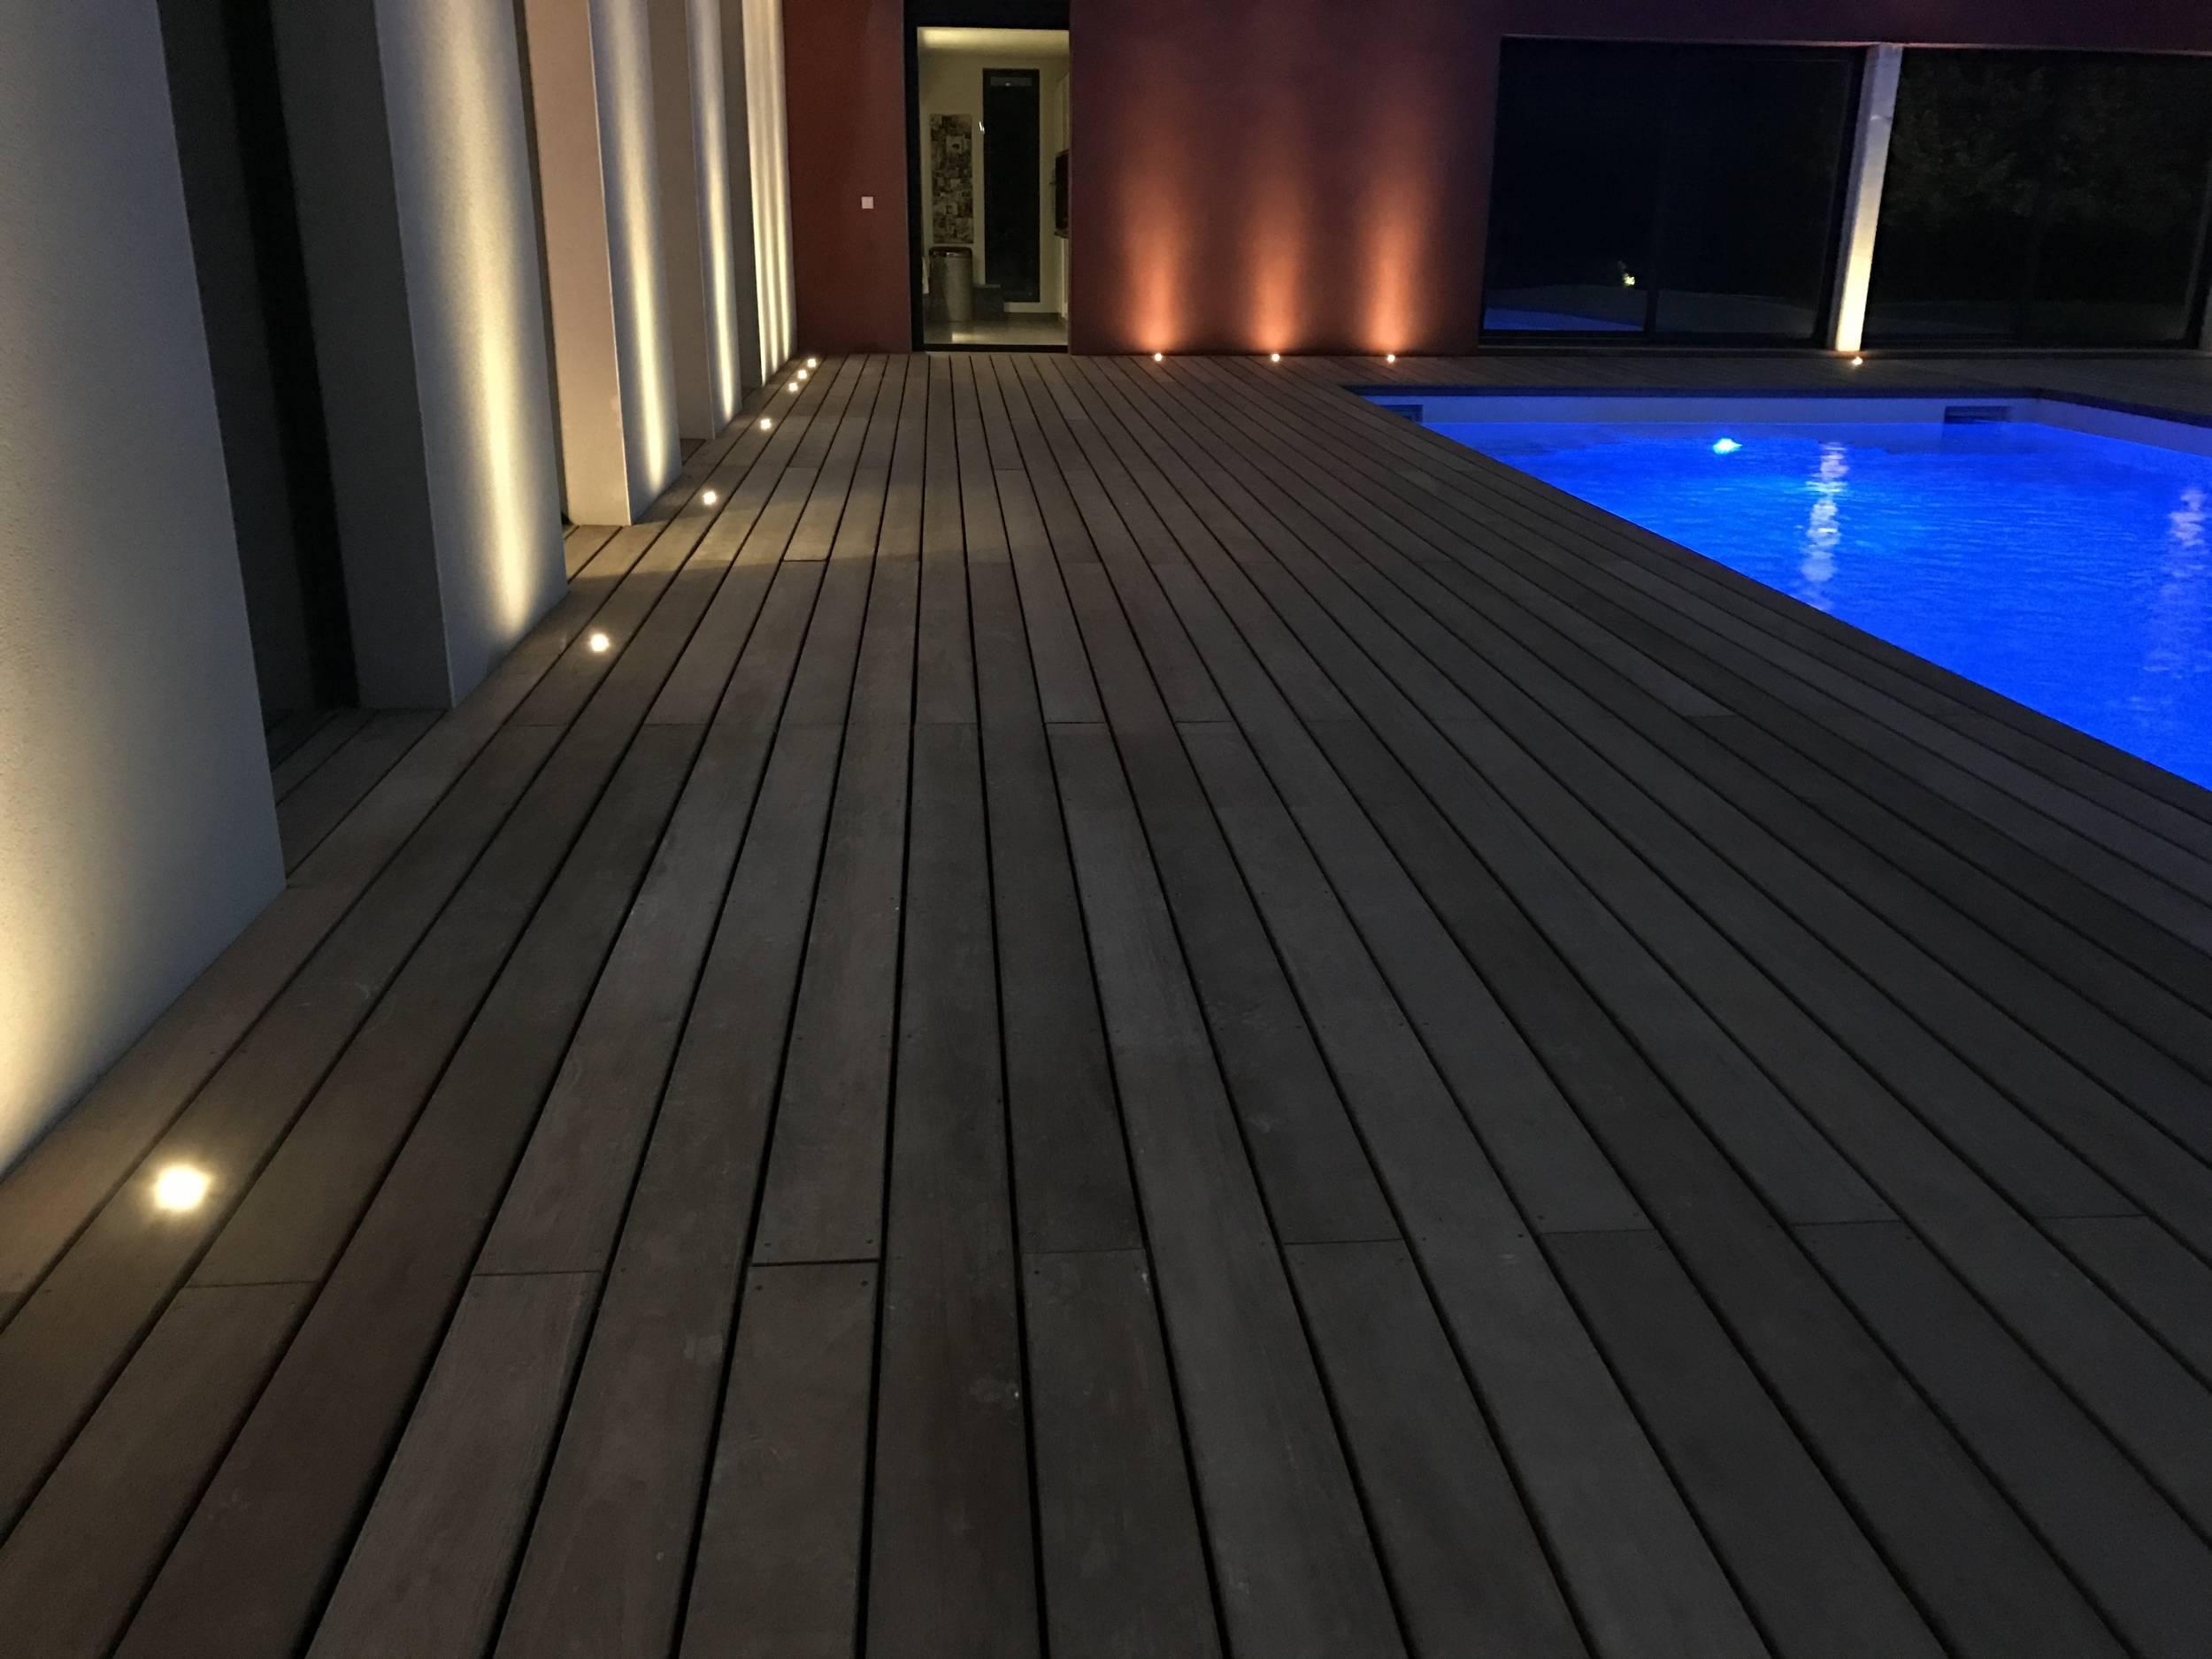 Eclairage Led Autour Piscine relookage d'une plage de piscine : éclairage d'un tour de